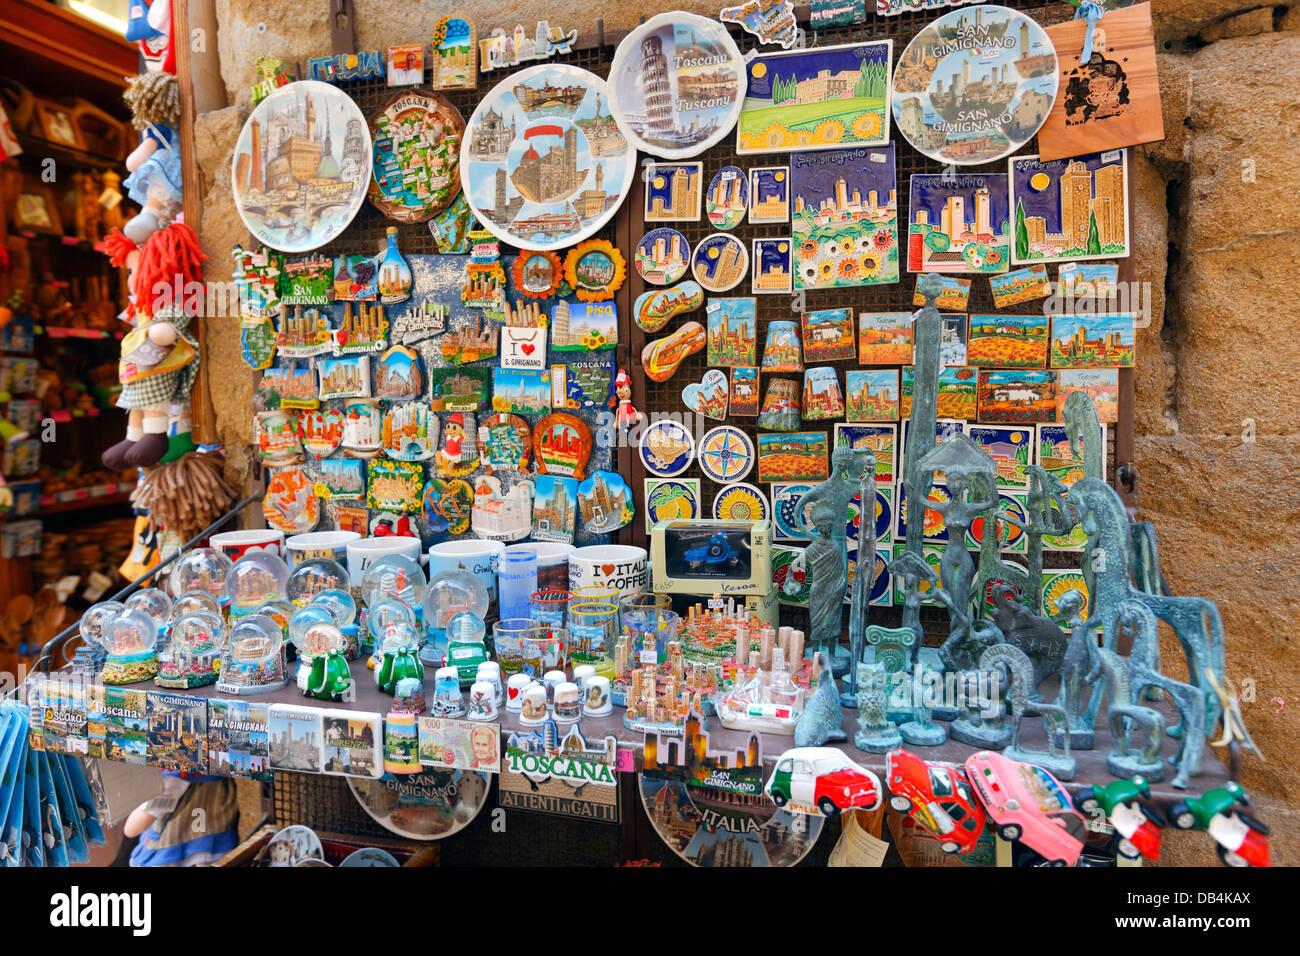 Souvenir shop in San Gimignano, Italy - Stock Image